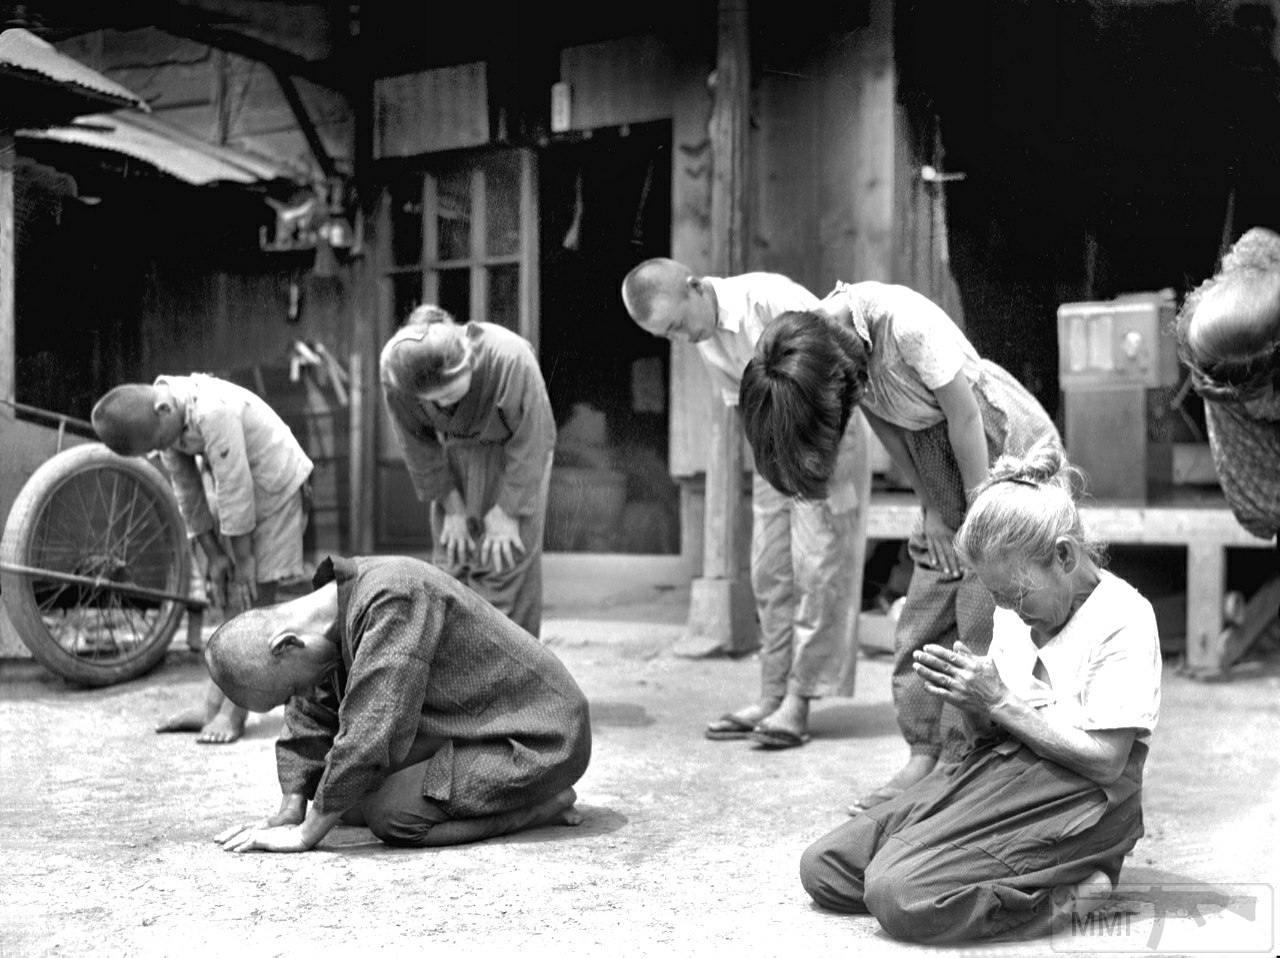 65878 - Военное фото 1941-1945 г.г. Тихий океан.